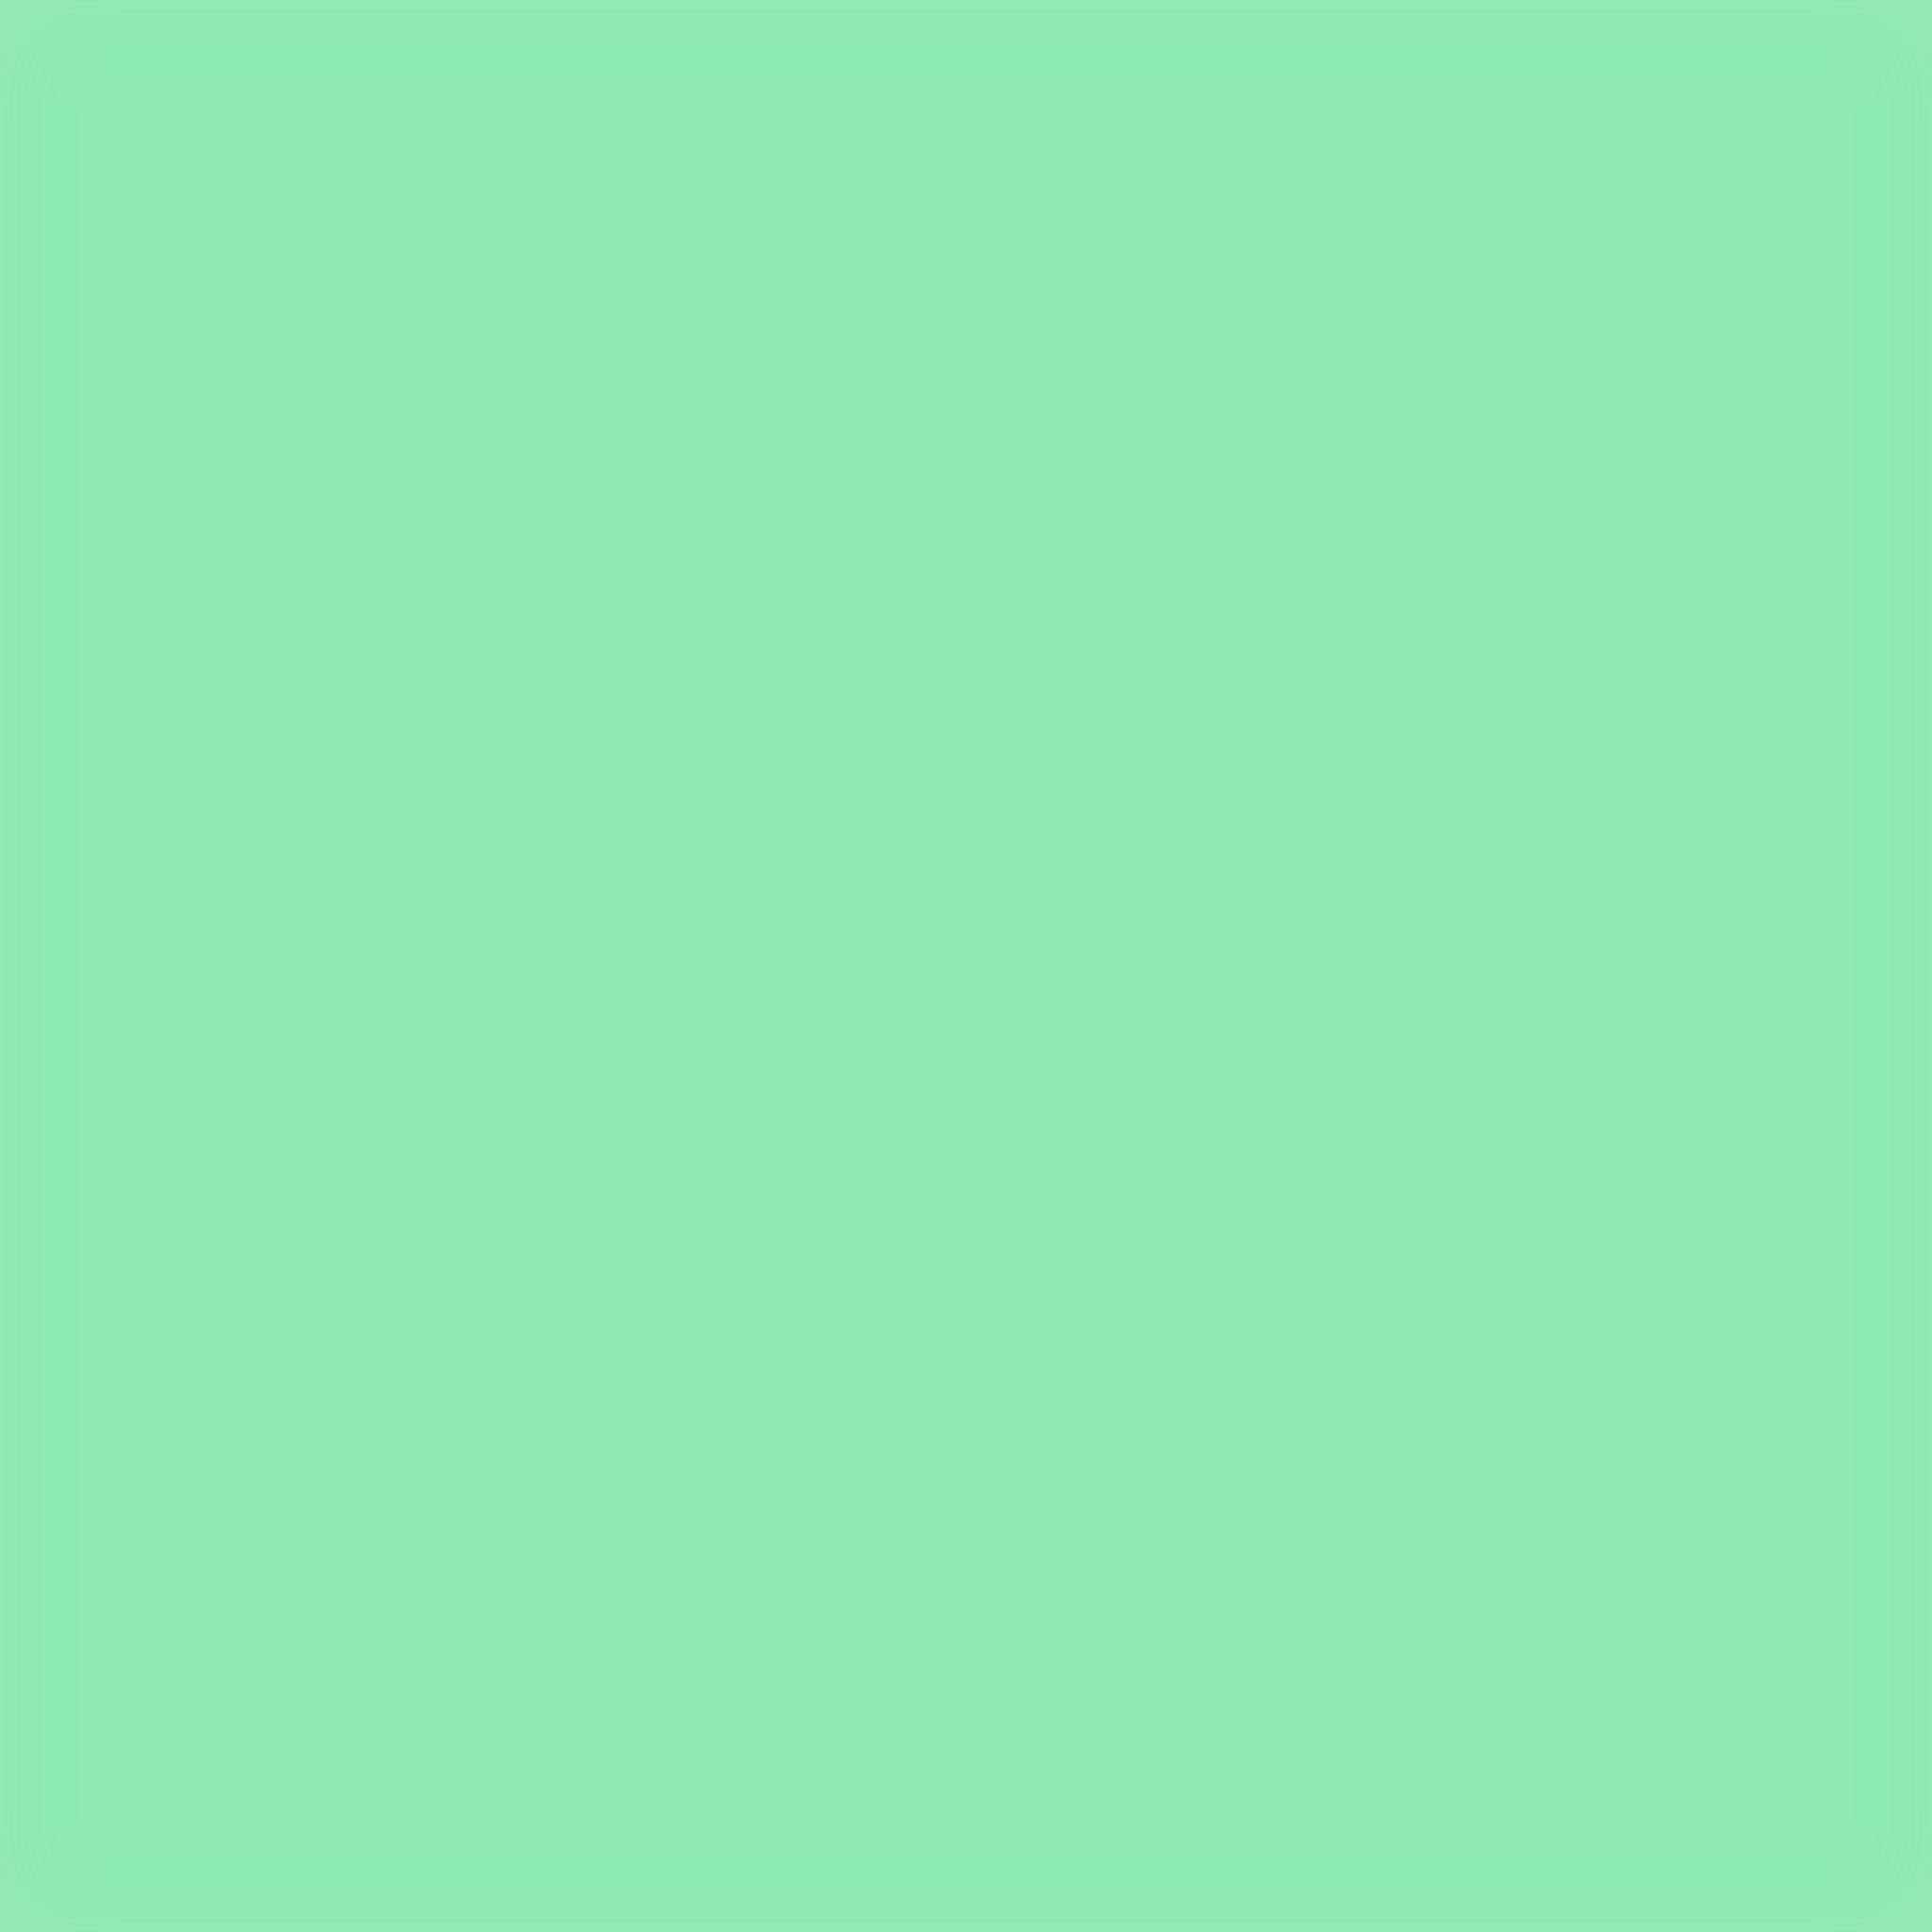 Sk45 Flat Green Young Blur Gradation Wallpaper